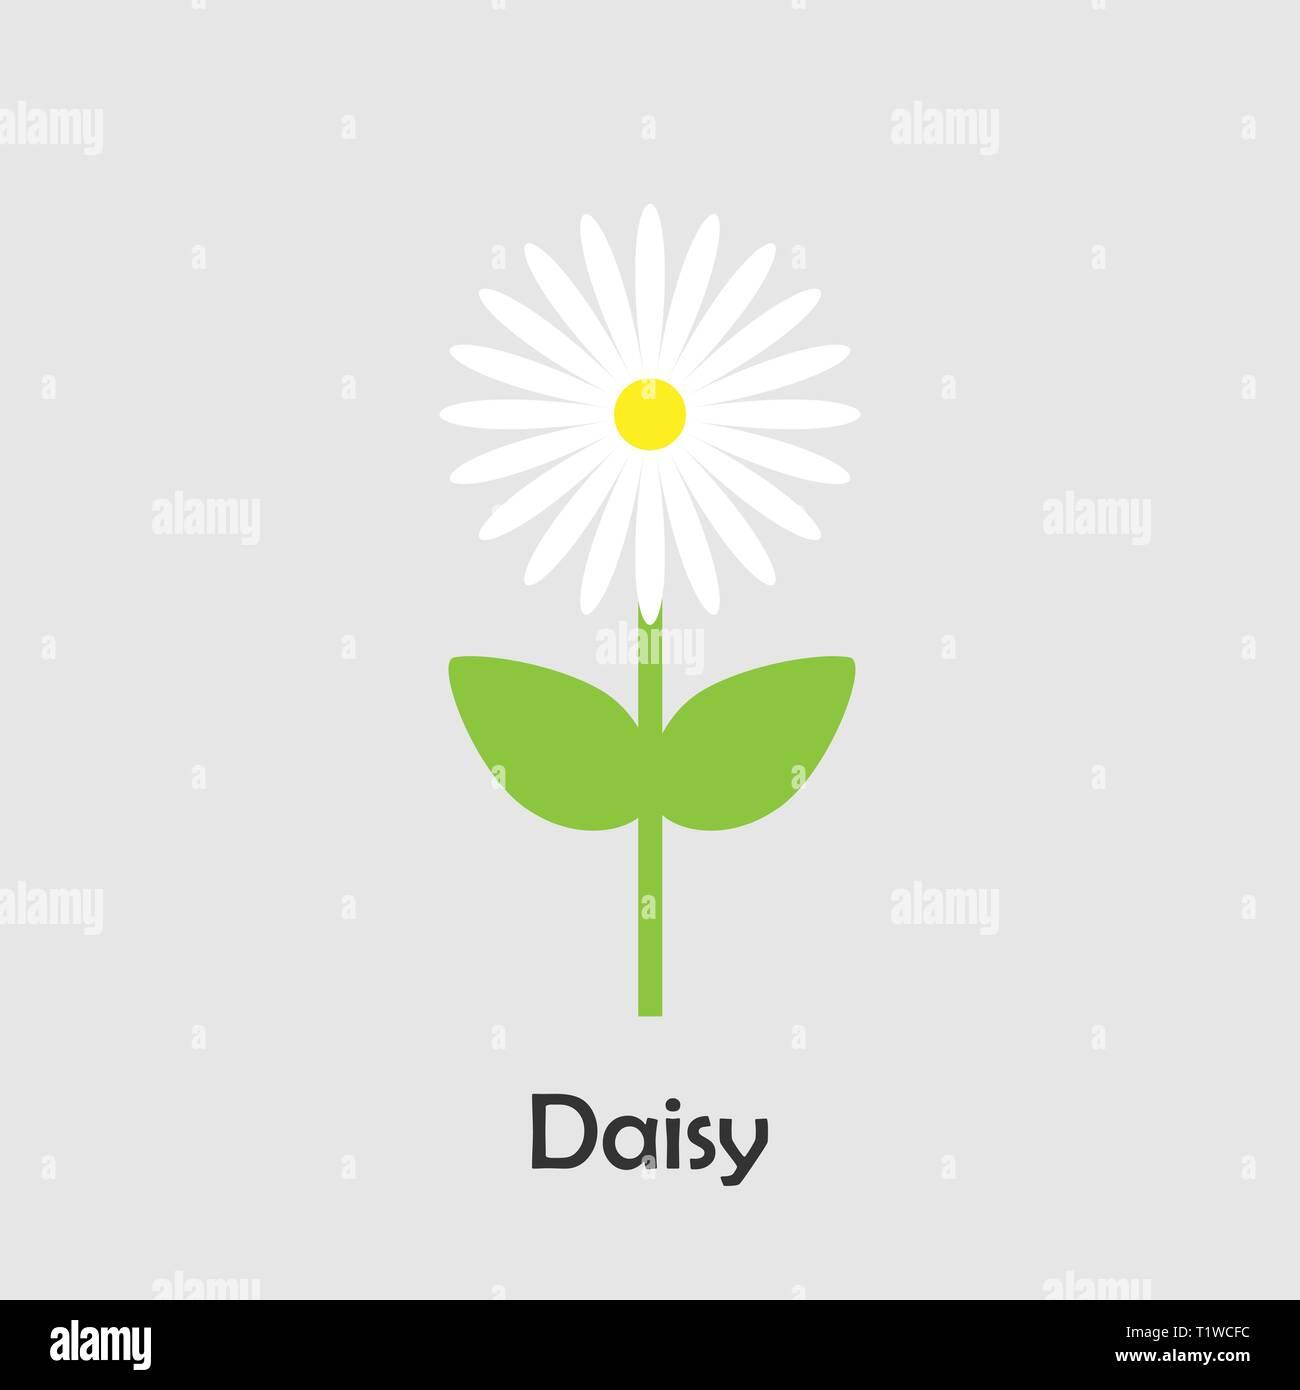 Daisy En El Estilo De Dibujos Animados Tarjeta De Primavera Para